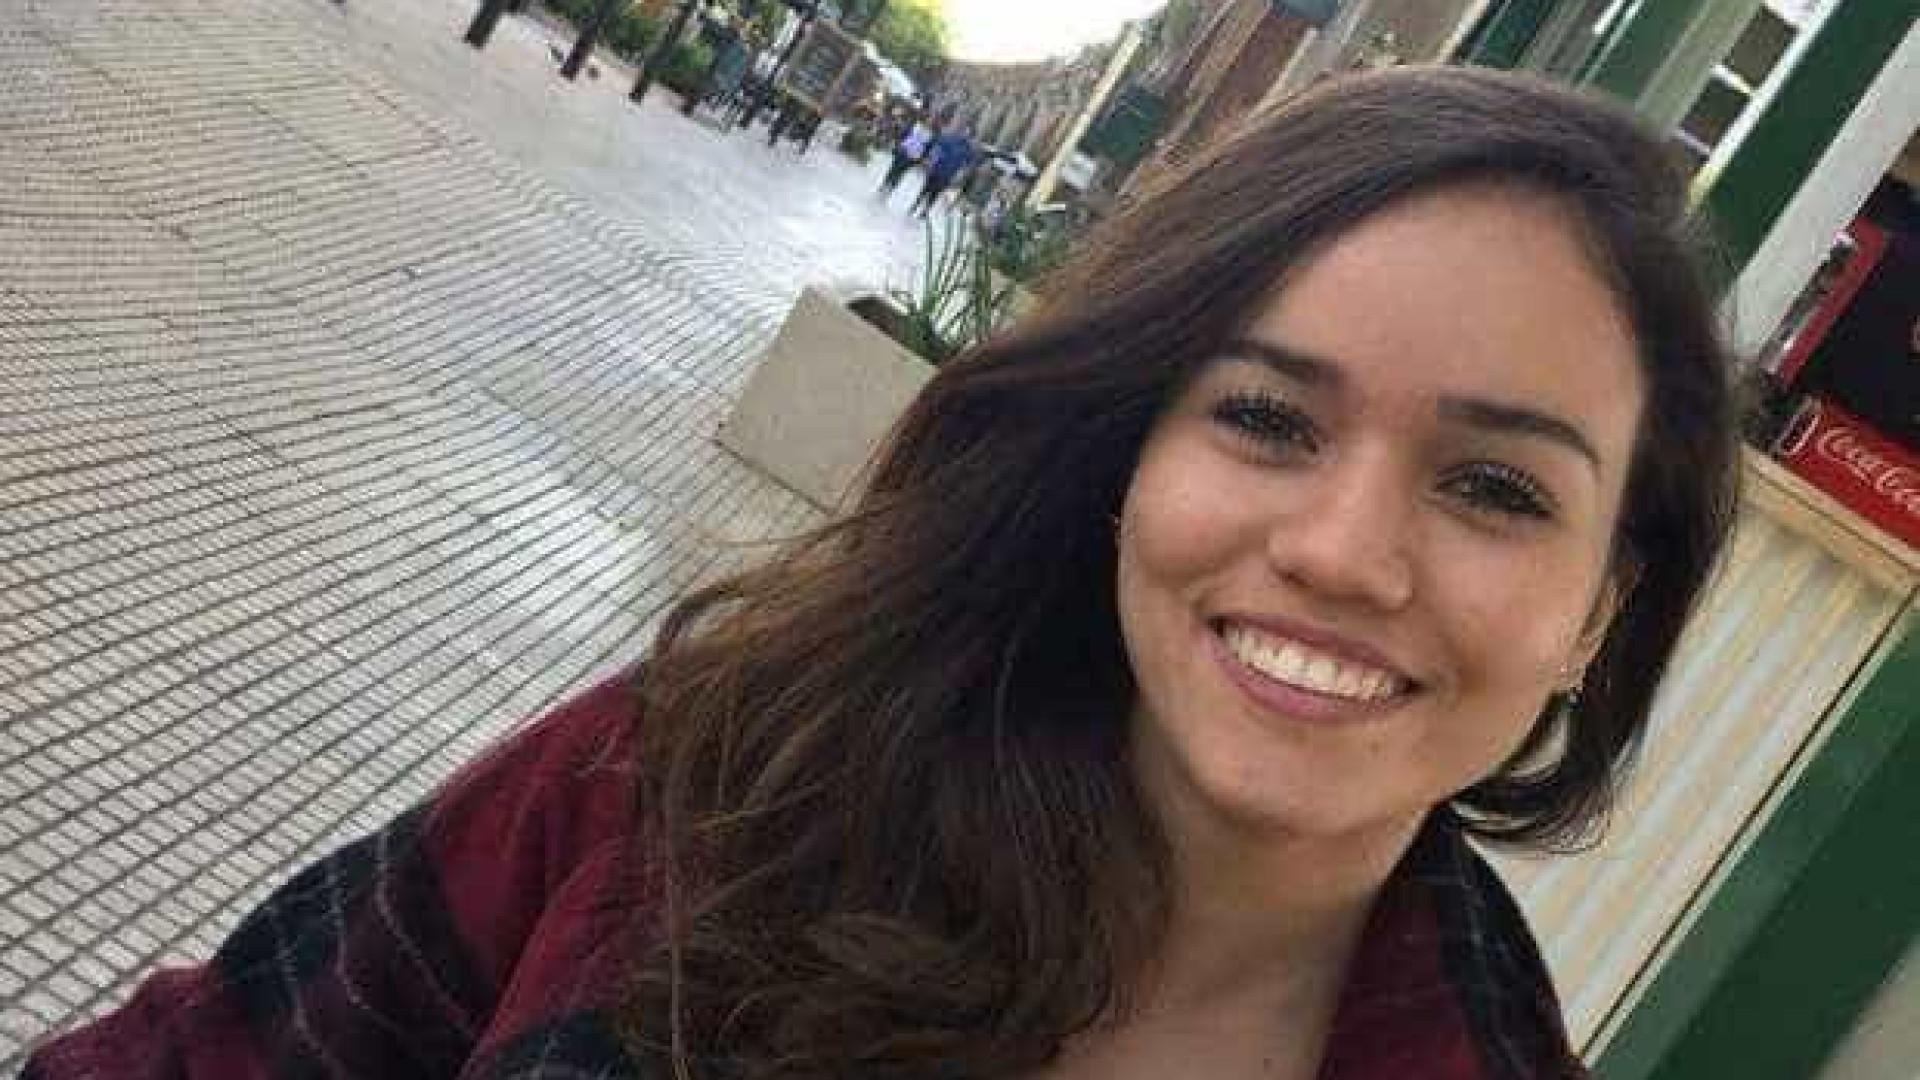 Adolescente brasileira é barrada e fica detida em abrigo nos EUA